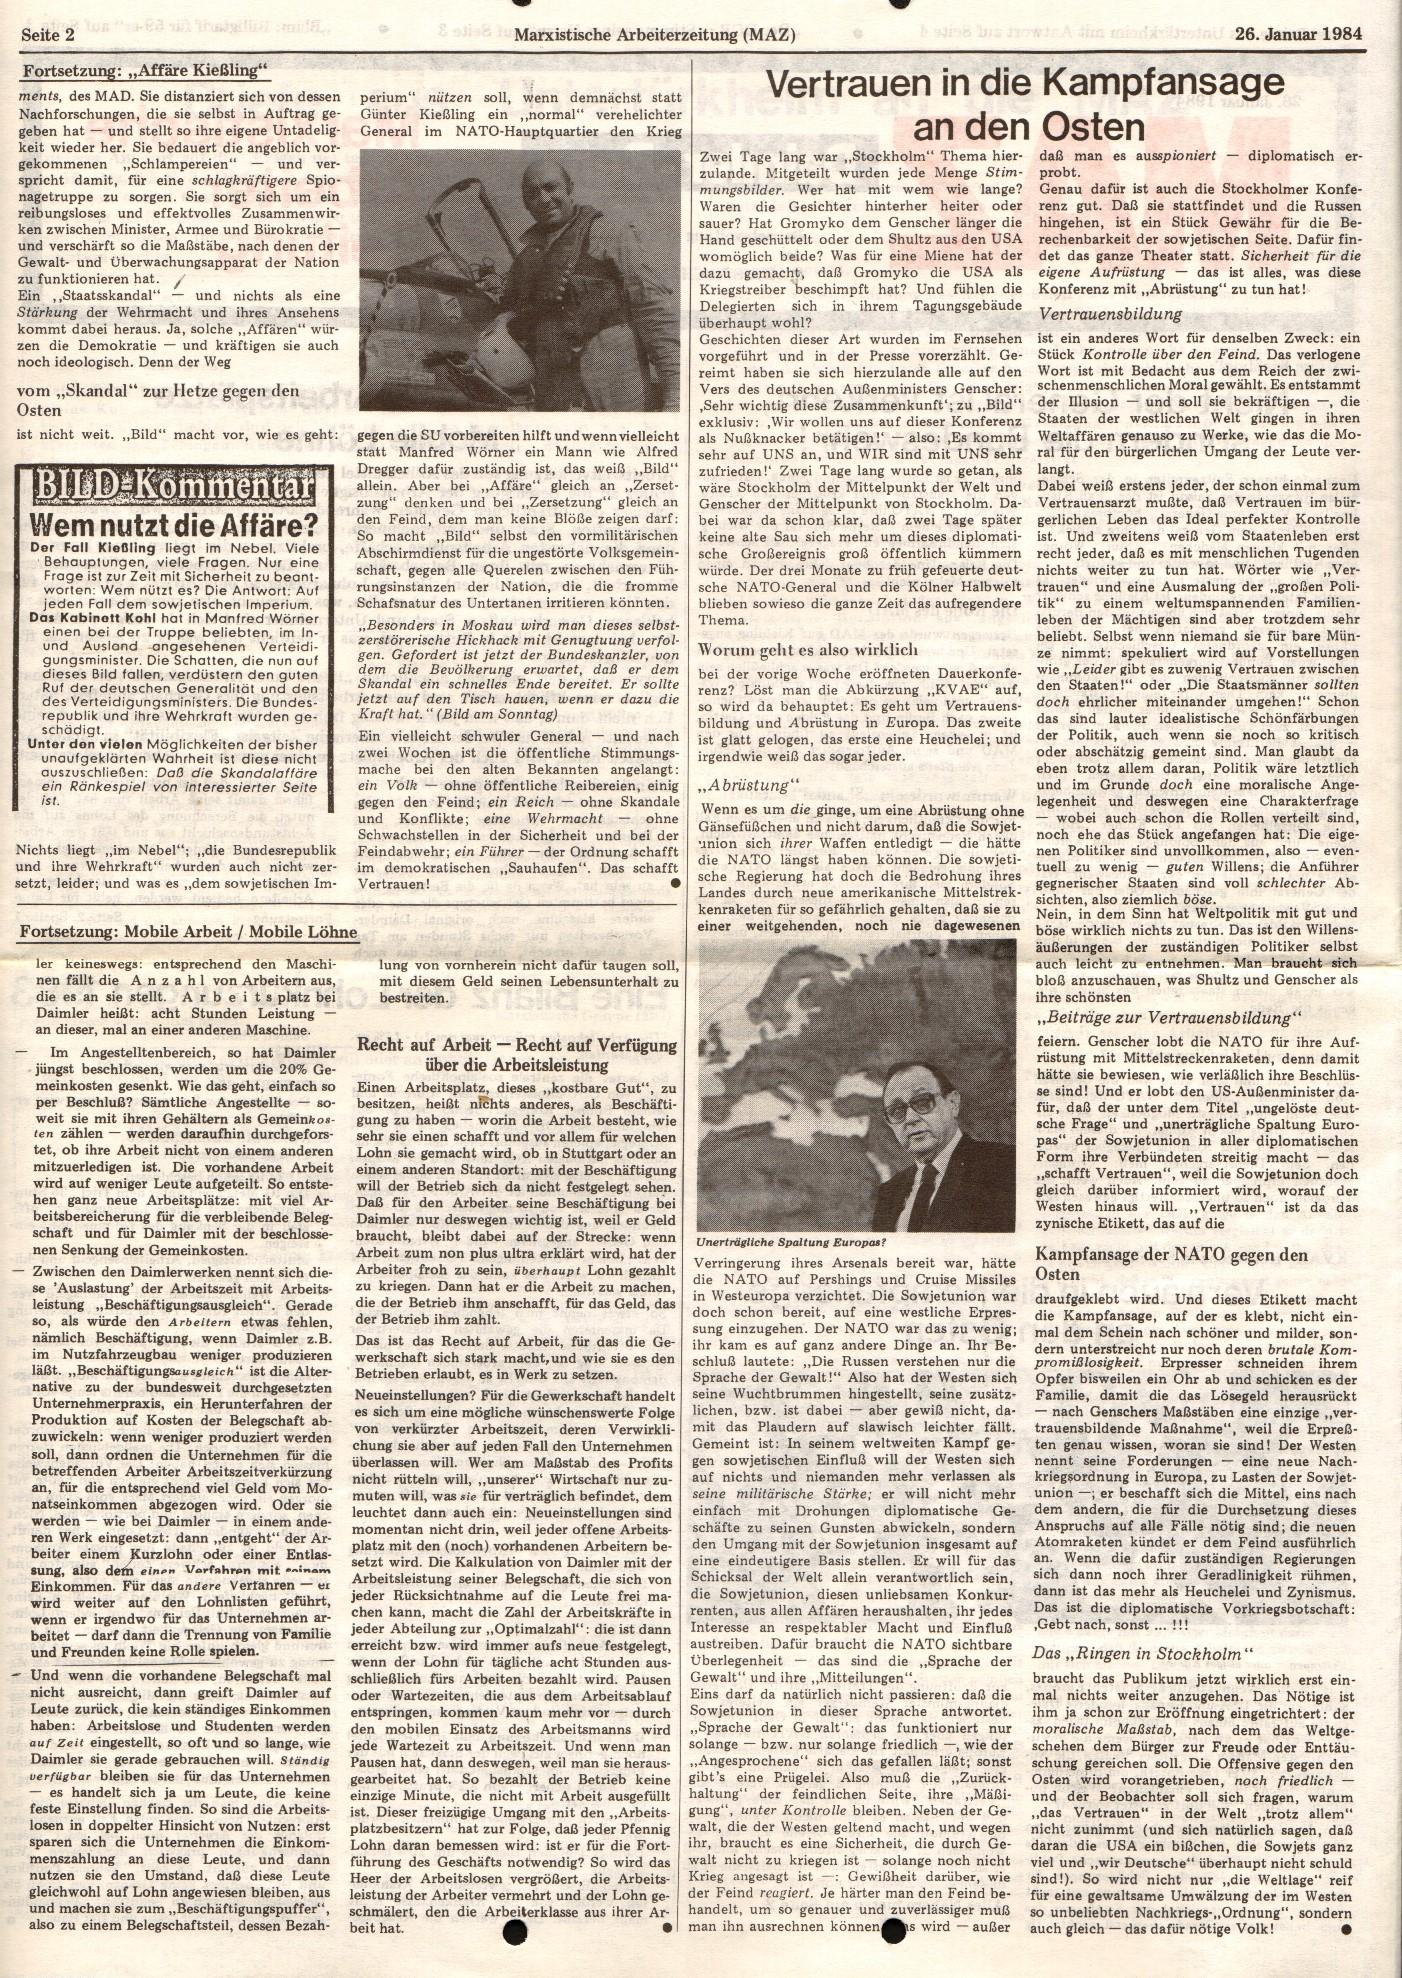 BW_MG_Marxistische_Arbeiterzeitung_19840126_02